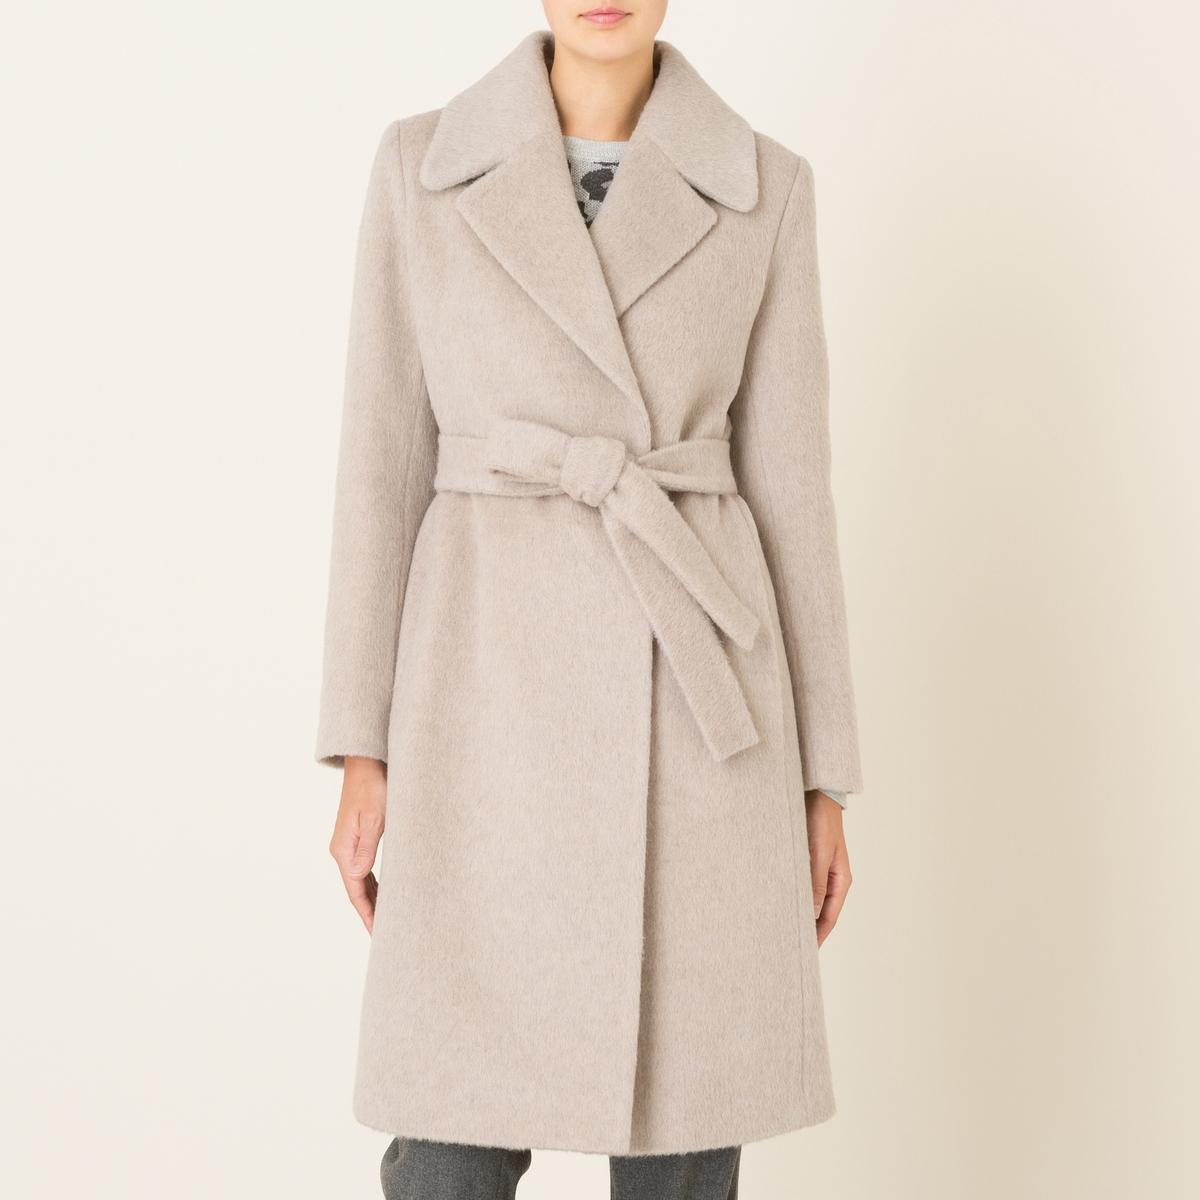 Пальто длинное из шерстяного драпаДлинное пальто LA BRAND BOUTIQUE - с запахом, с застежкой на 2 кнопки, из шерстяного драпа. Зубчатый воротник, застежка на 2 скрытые кнопки. Широкий пояс. Прямые рукава. Карманы в боковых швах. Шлица сзади. На подкладке. Состав и описание    Материал : 60% необработанной шерсти, 15% мохера, 25% полиамида   Подкладка 100% ацетат   Марка : LA BRAND BOUTIQUE<br><br>Цвет: бежевый